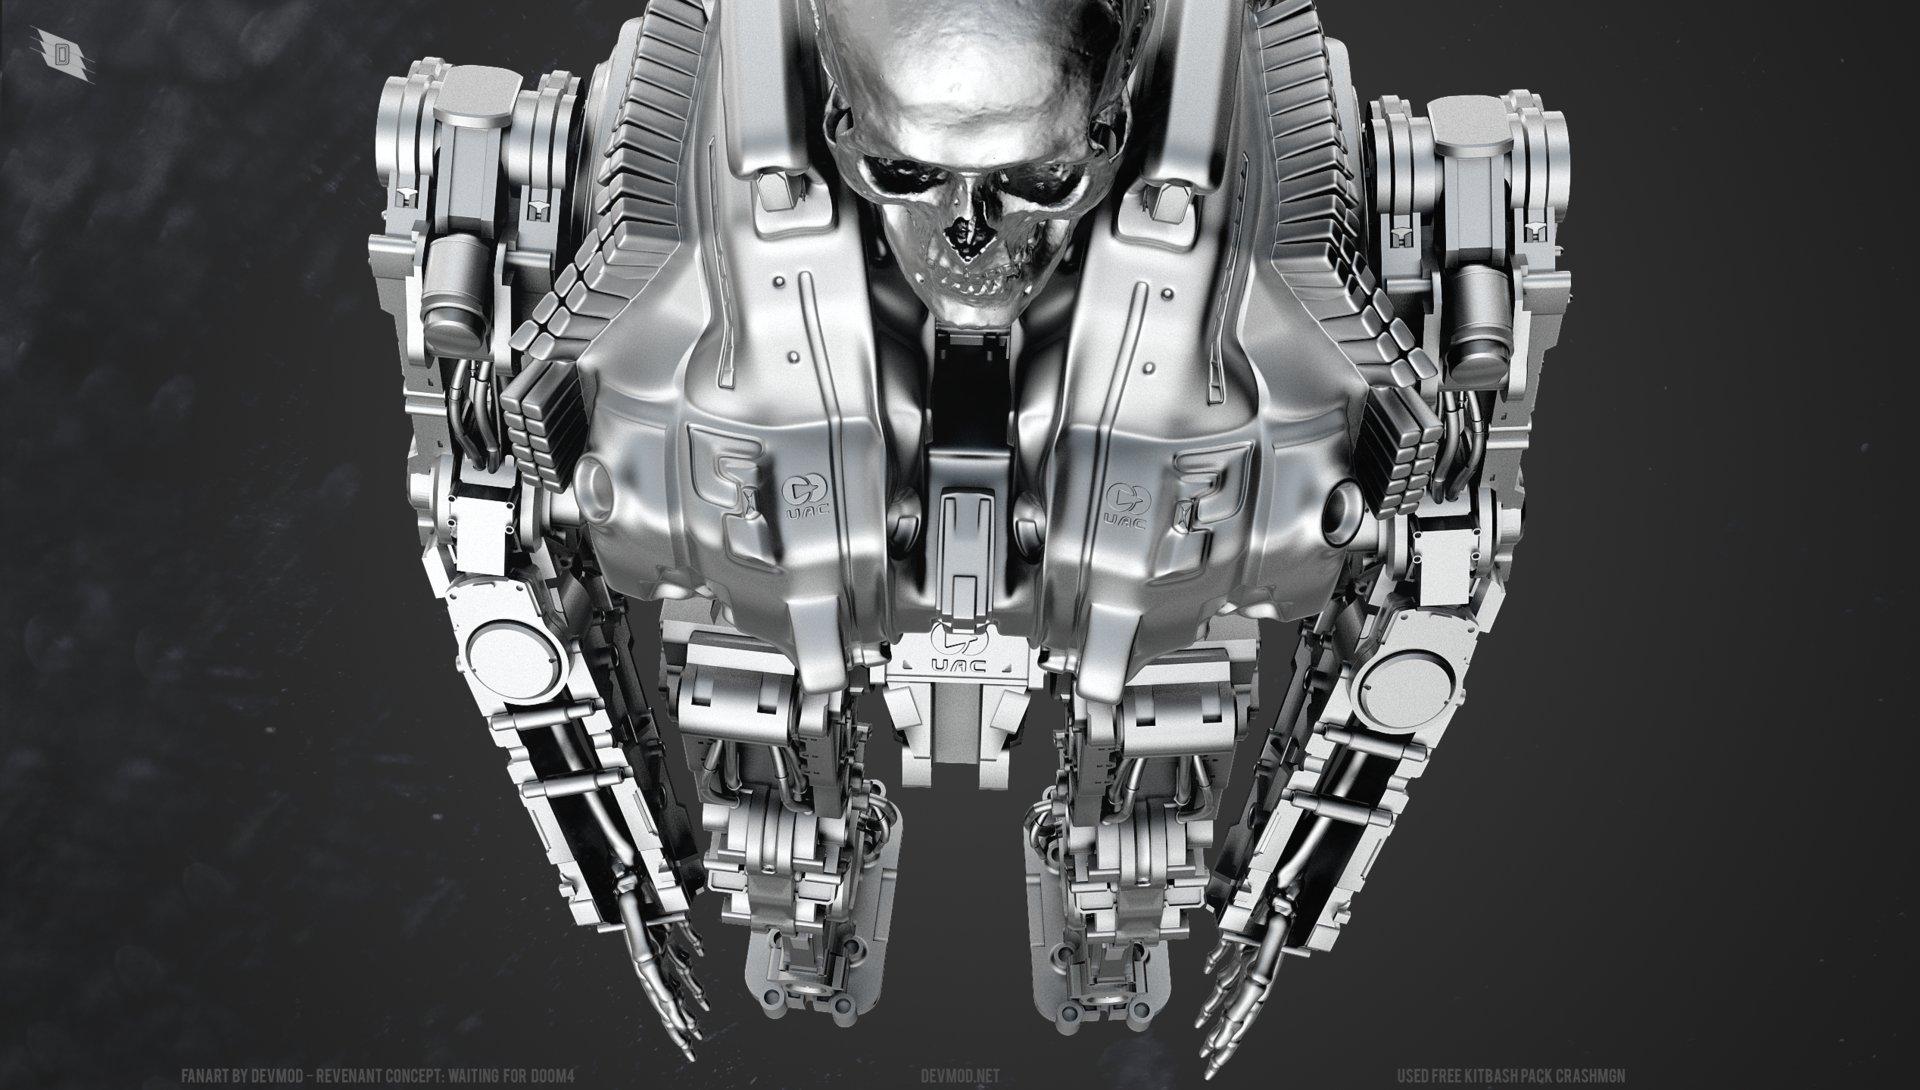 ArtStation - Doom 4 Fan art revenant concept, Ilya